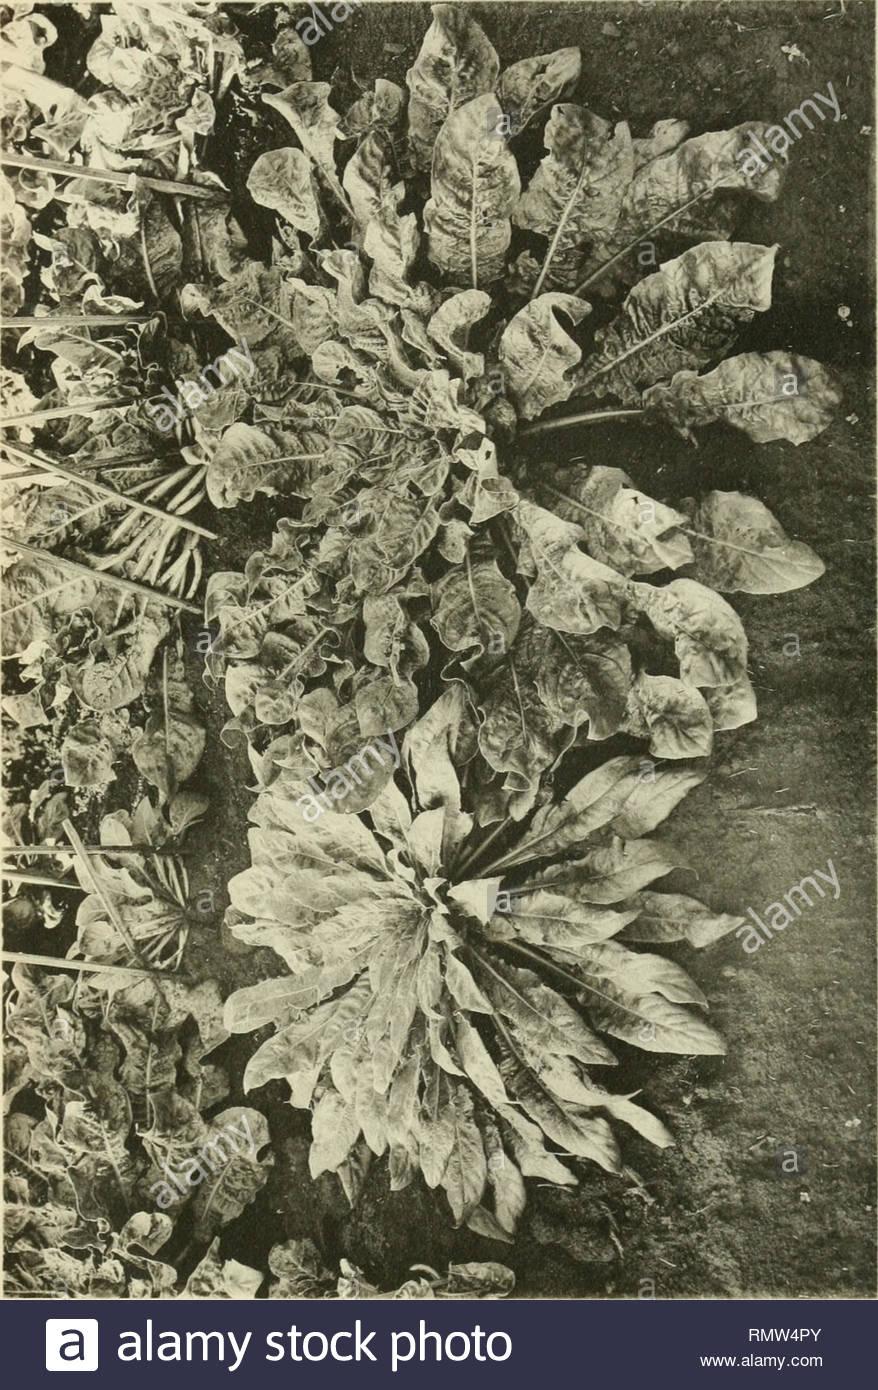 annales du jardin botanique de buitenzorg pflanzen pflanzen indonesien ann du jardin de integriert enzor 25er vo xi pl xxix ct3 cr co ctj e 00 o f c3c o 03 co von t o c heuotvpie lvan leerac amsterdam bitte beachten sie dass se bilder sind von der gescannten seite bilder digital fur lesbarkeit verbessert haben mogen farbung und aussehen ser abbildungen konnen nicht perfekt dem original ahneln extrahiert kebun raya in indonesien leiden etc e j brill etc rmw4py